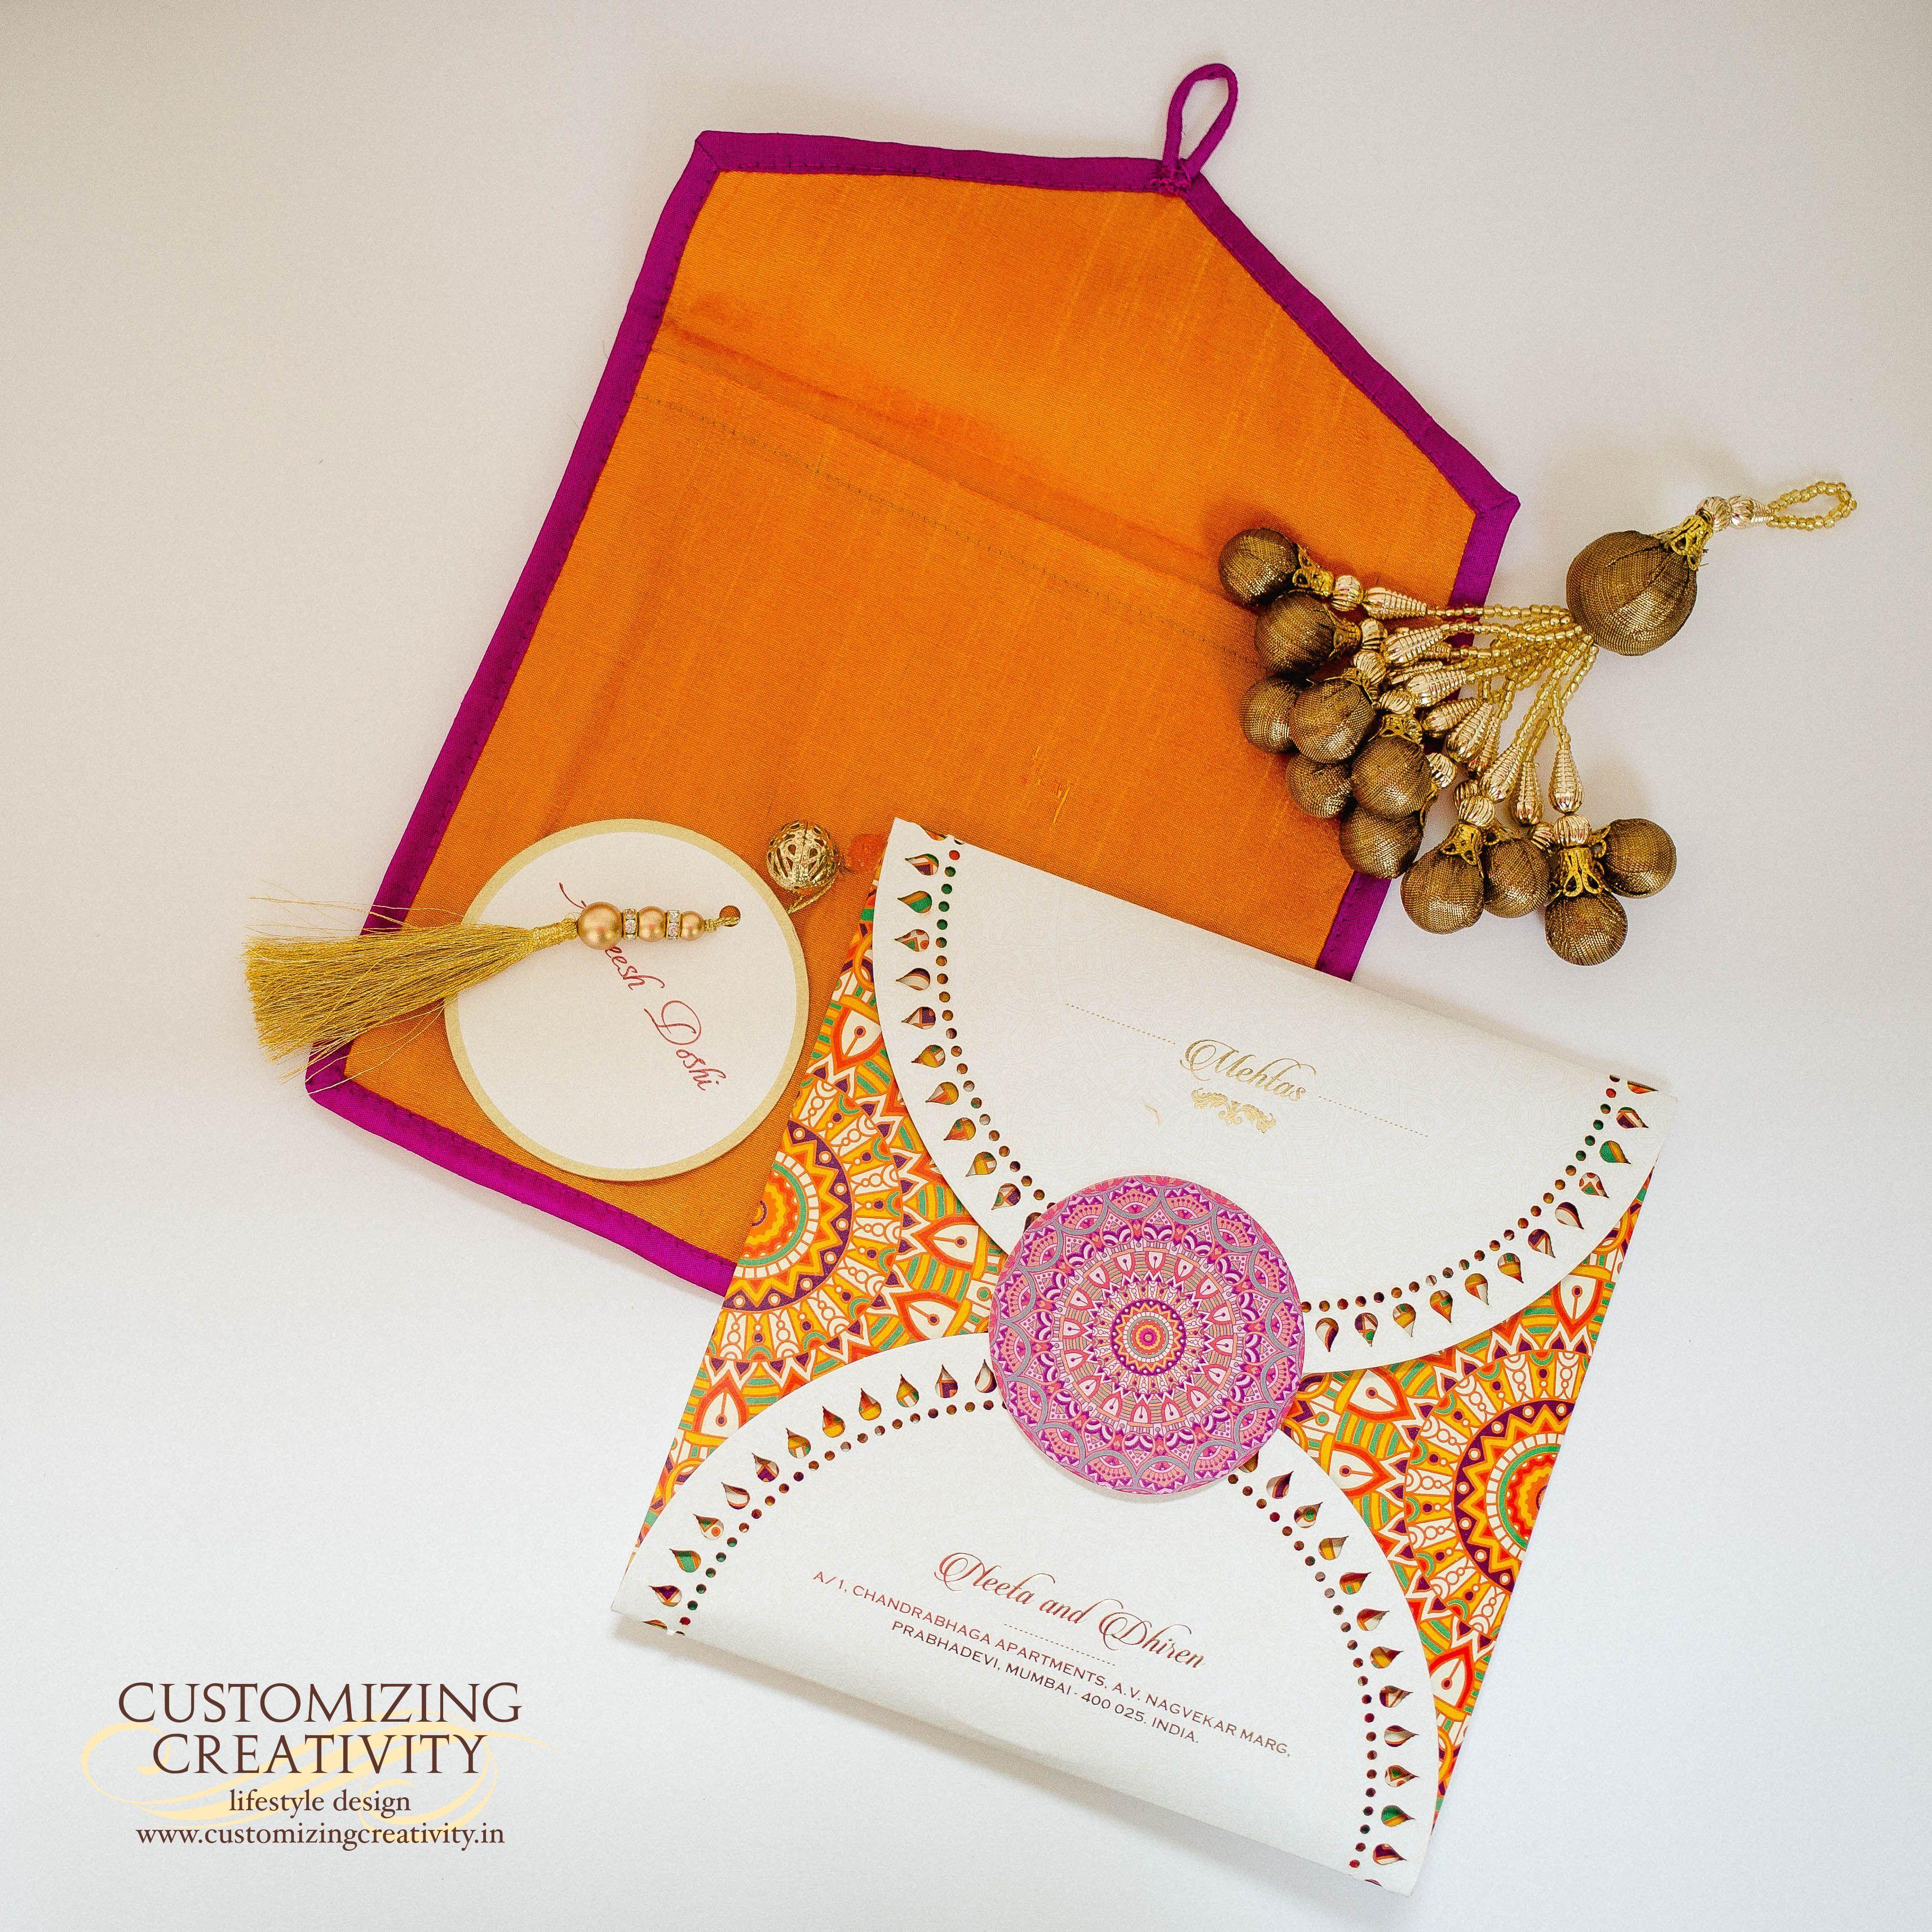 Customizing Creativity Info Review – Indian Wedding Cards Mumbai